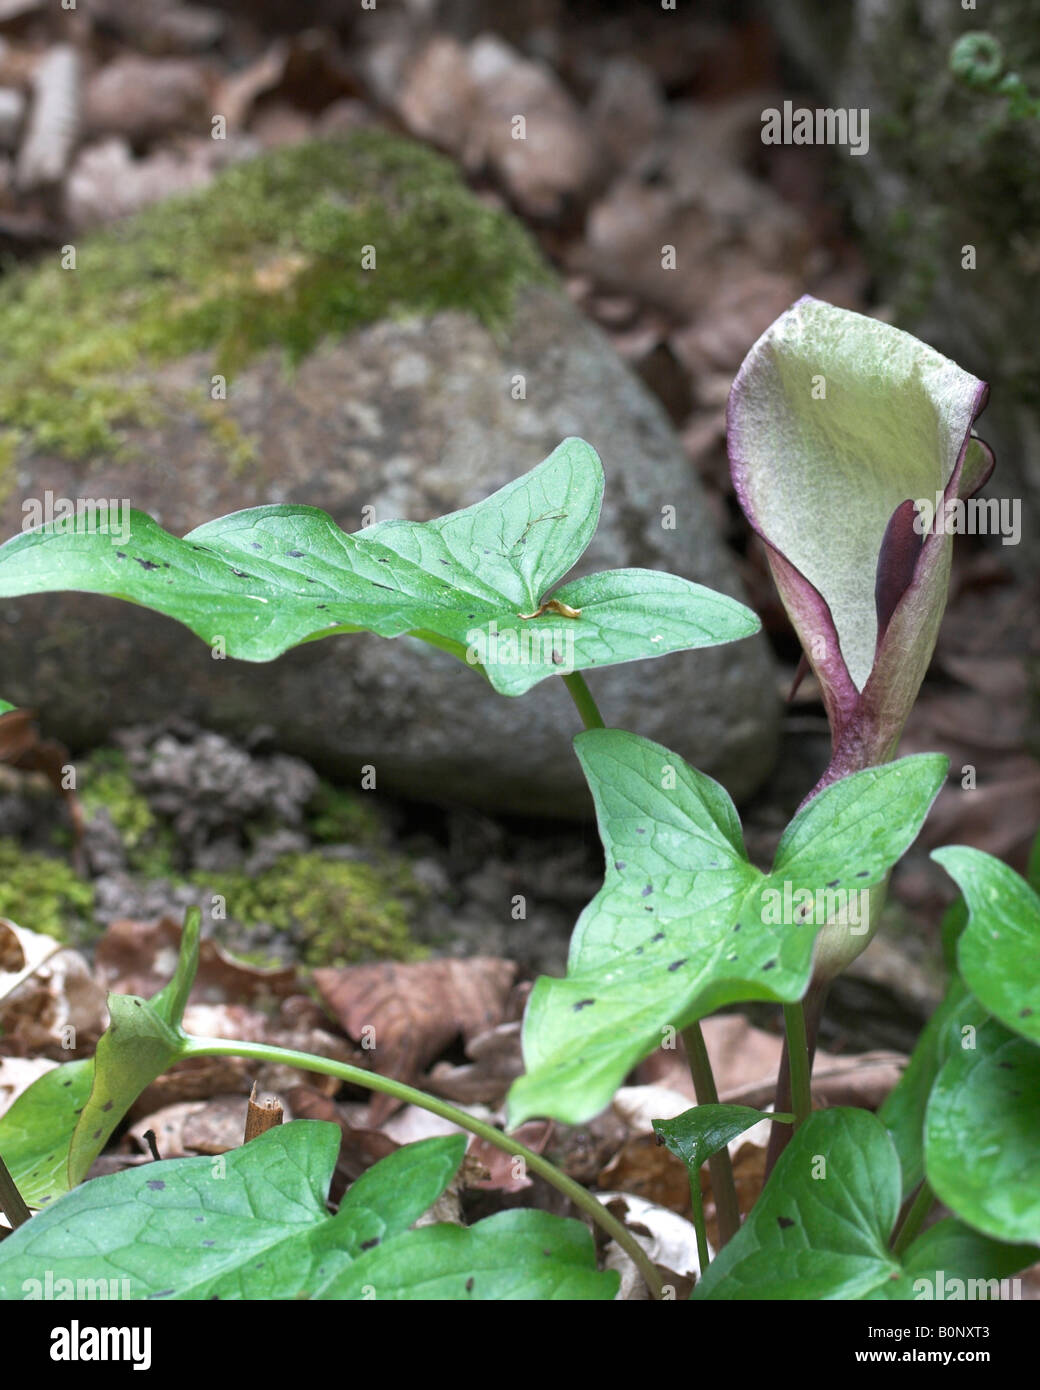 kuckuck pint arum maculatum bl tenst nden spatha und lila gefleckte bl tter zeigen stockfoto. Black Bedroom Furniture Sets. Home Design Ideas